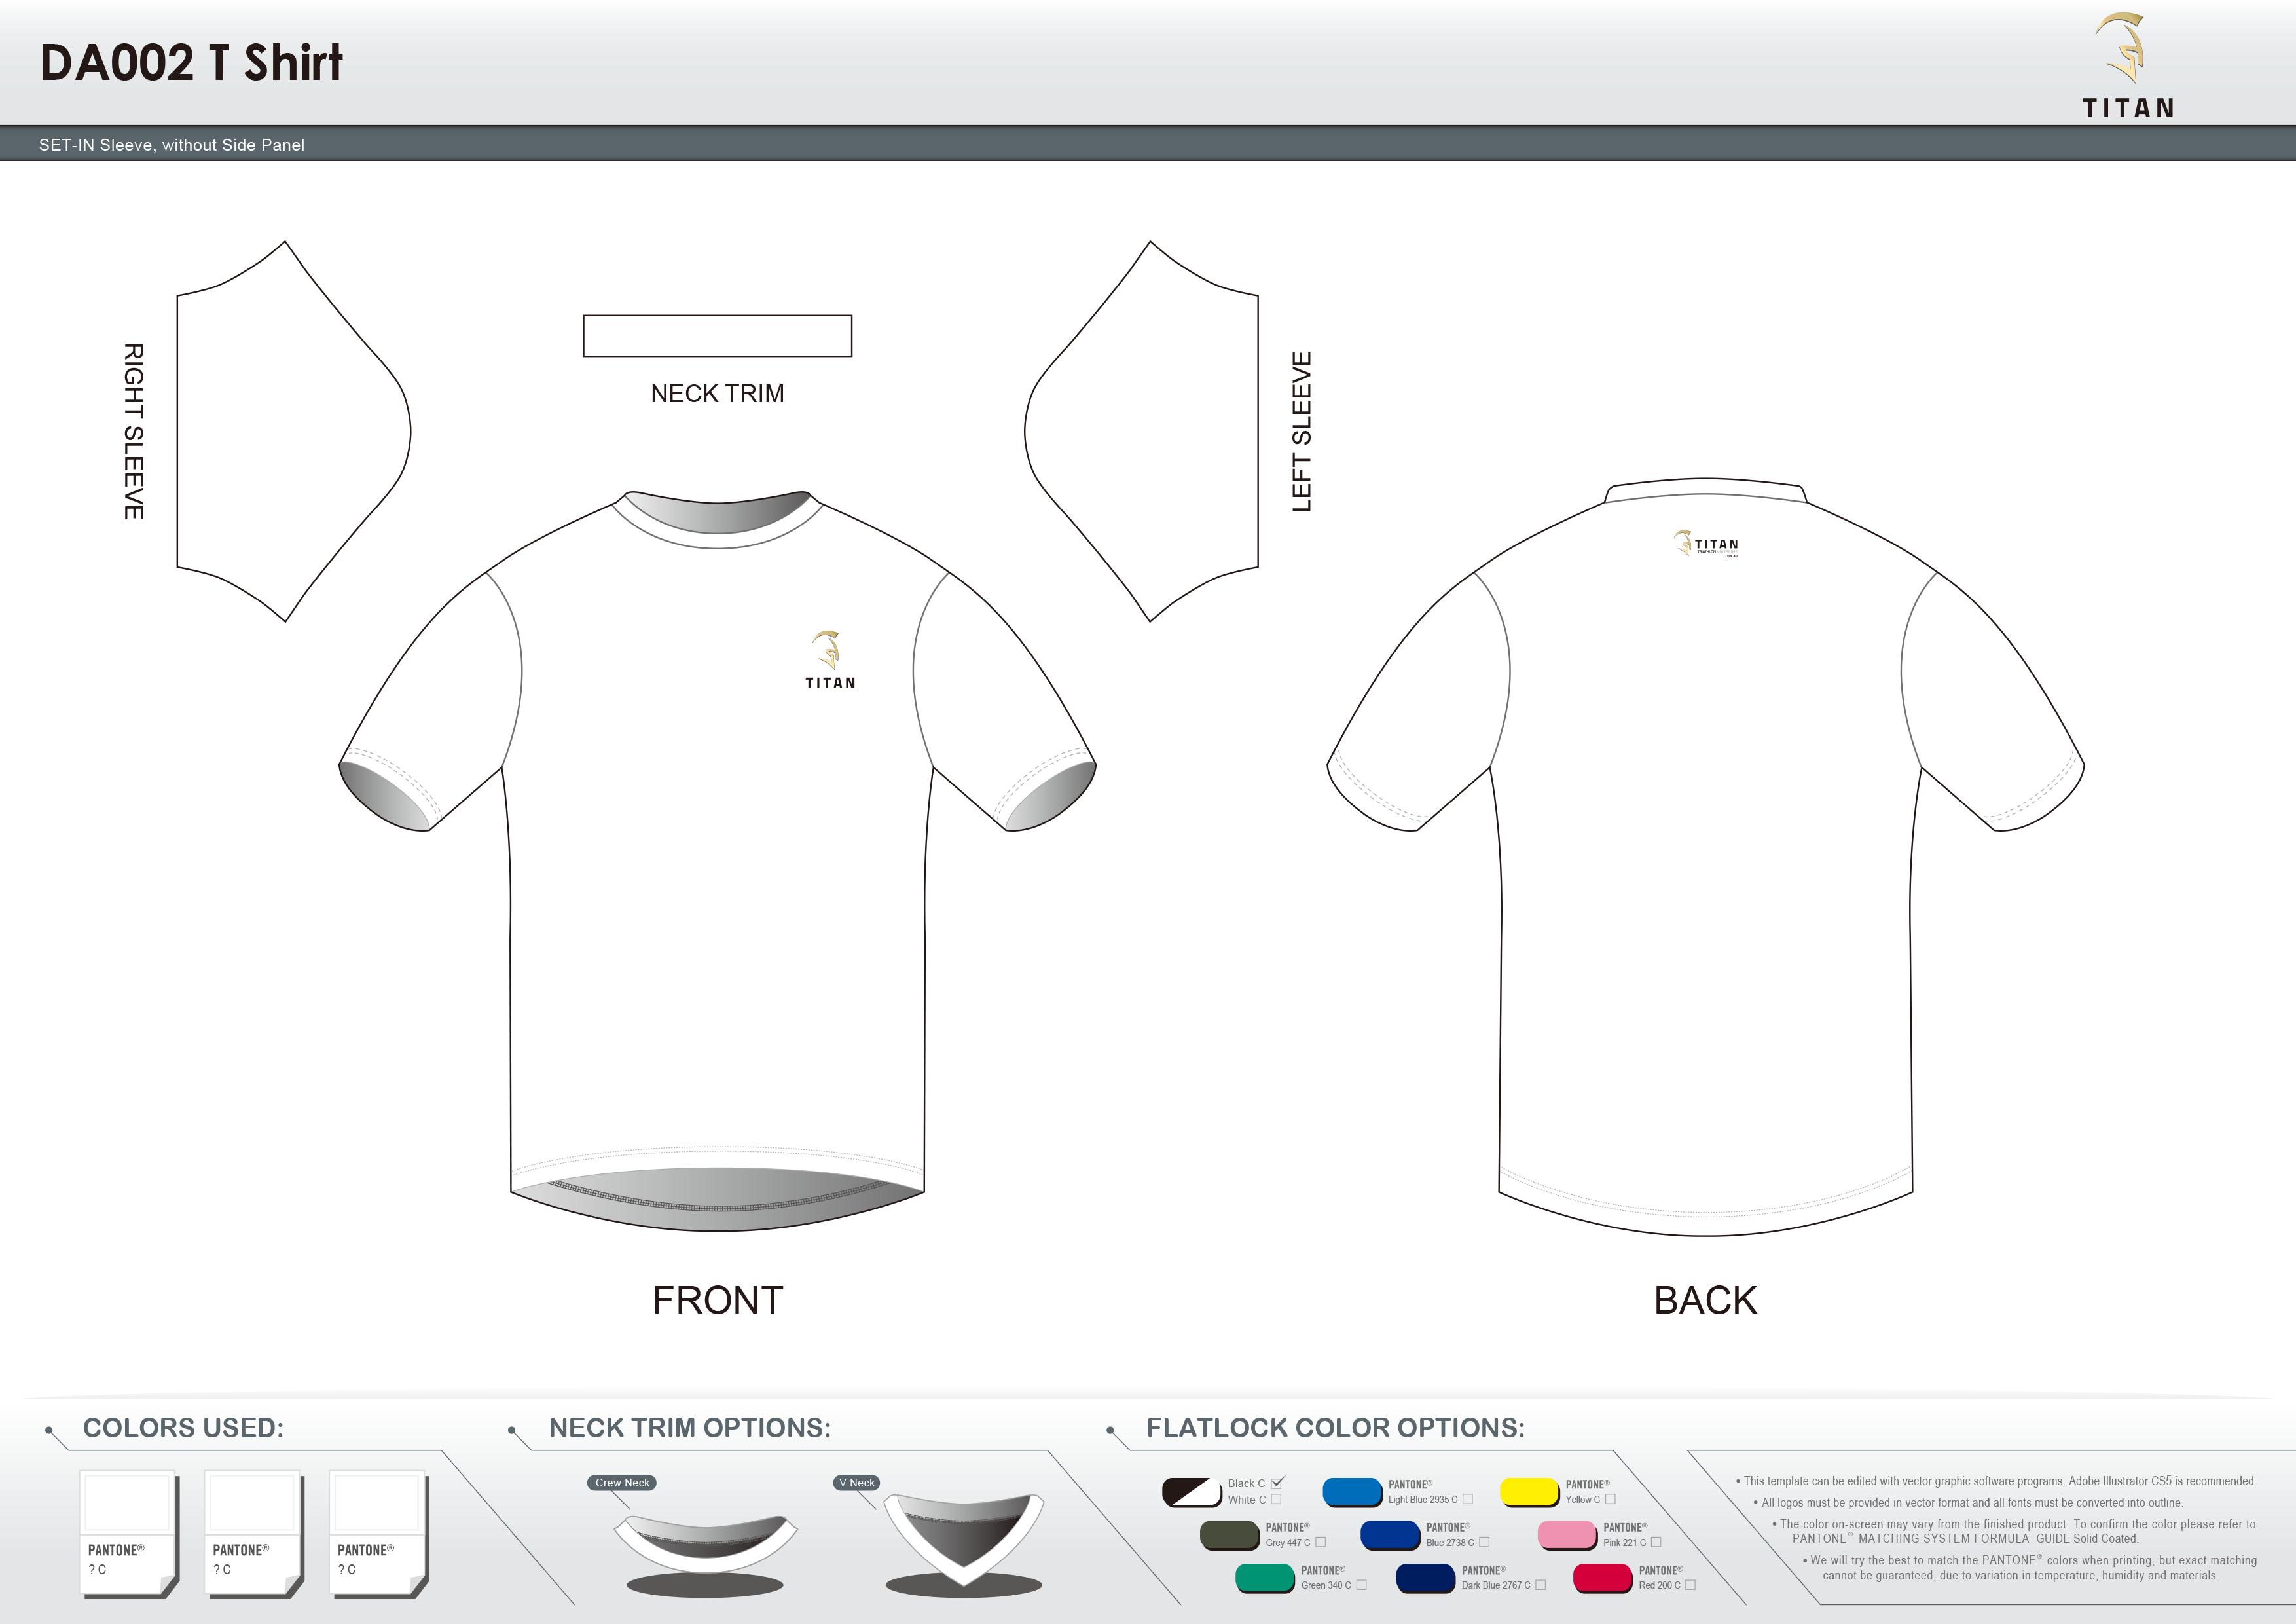 DA002 T Shirt